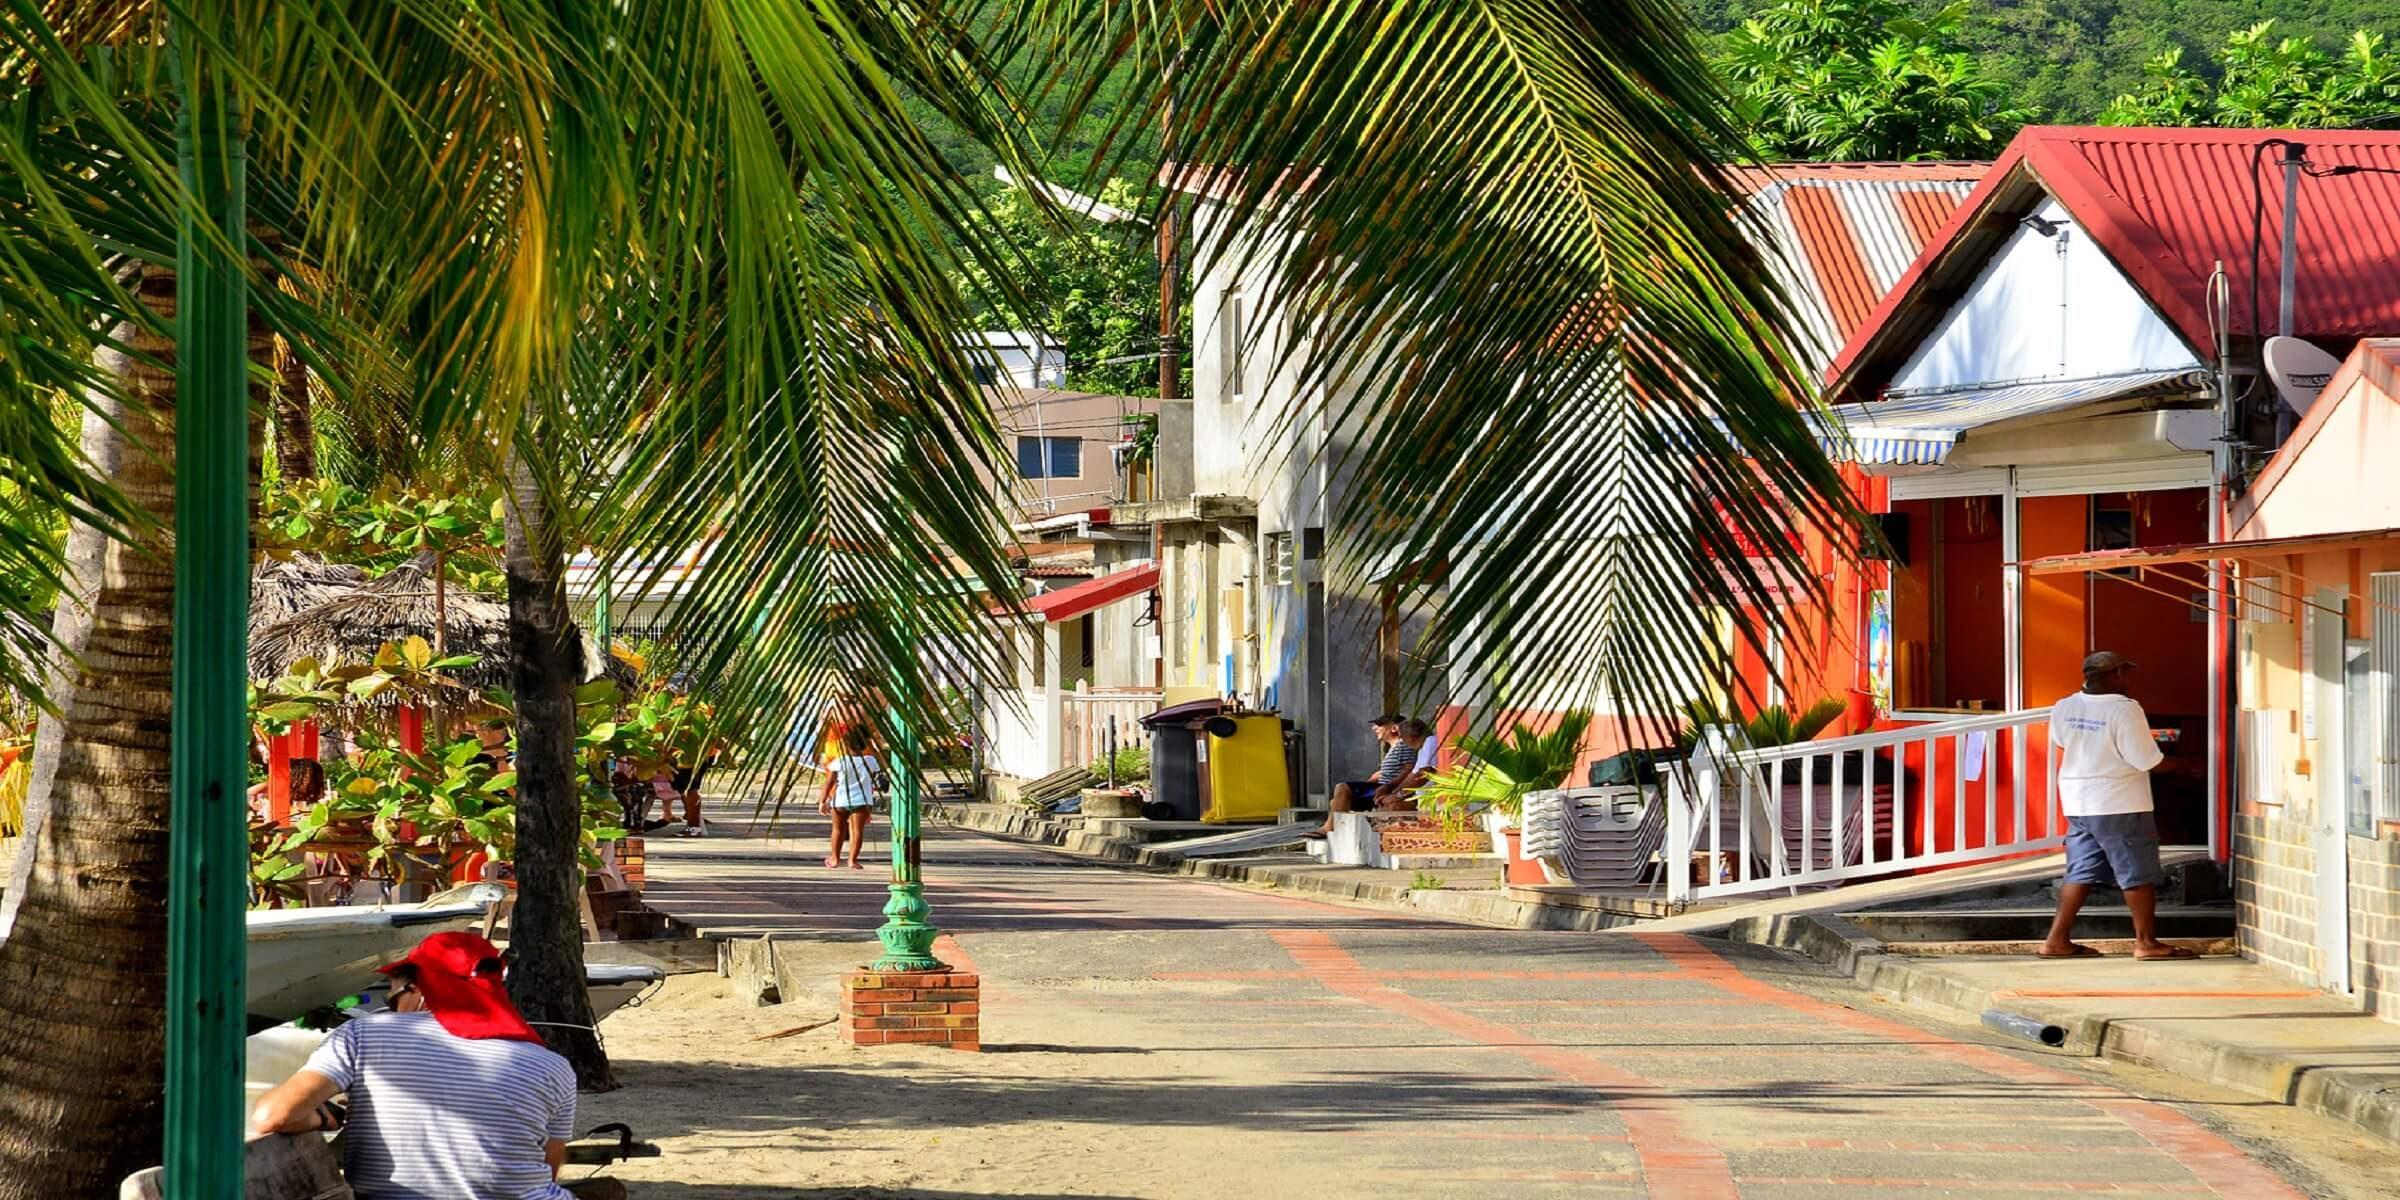 Les Anses auf Martinique